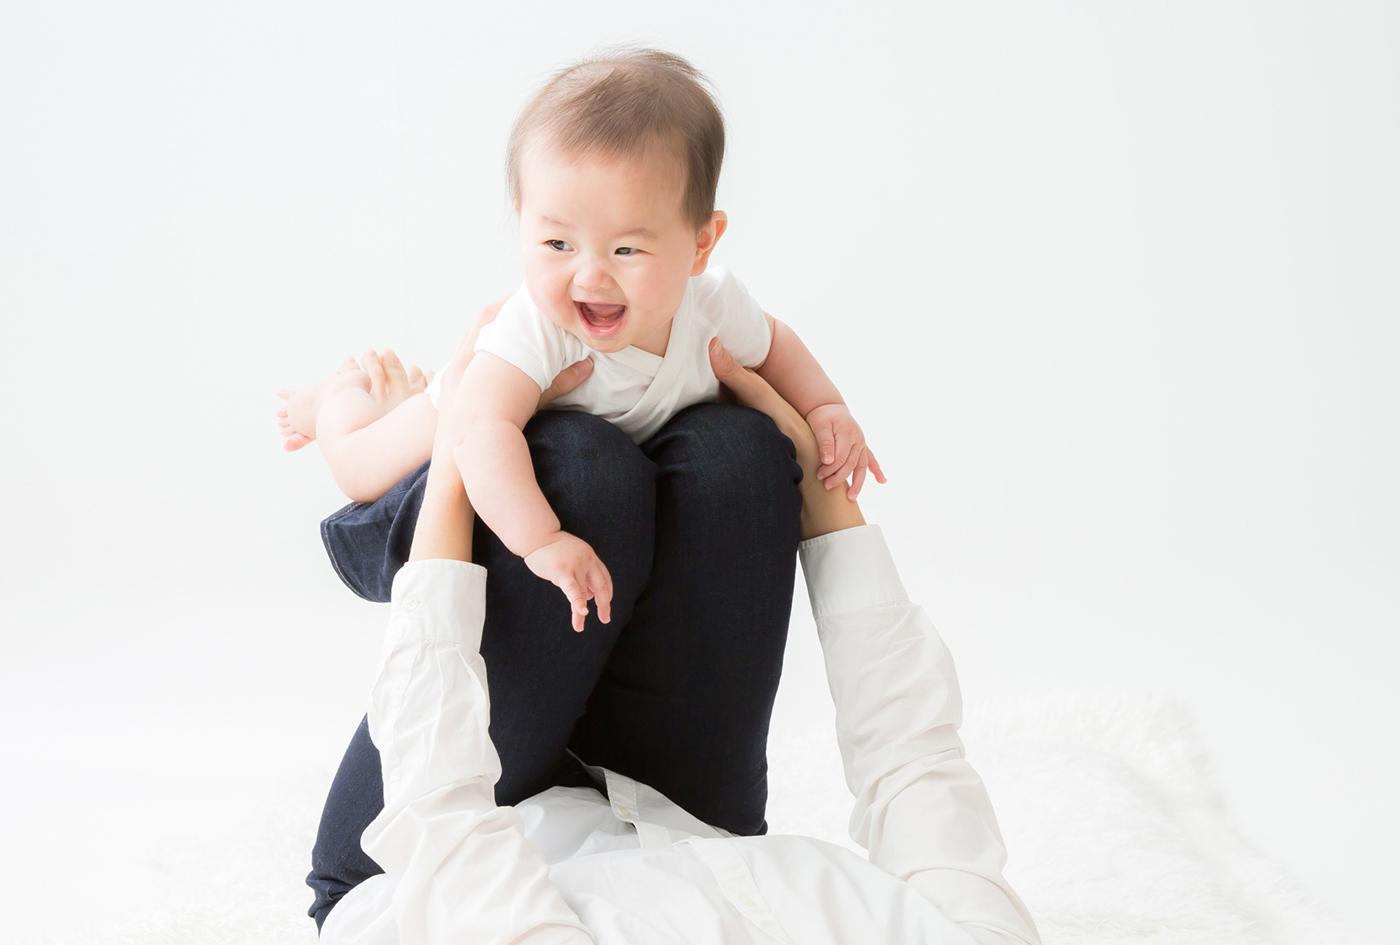 幼児体育教育講習会 第2回ようたい教室 | 東京都